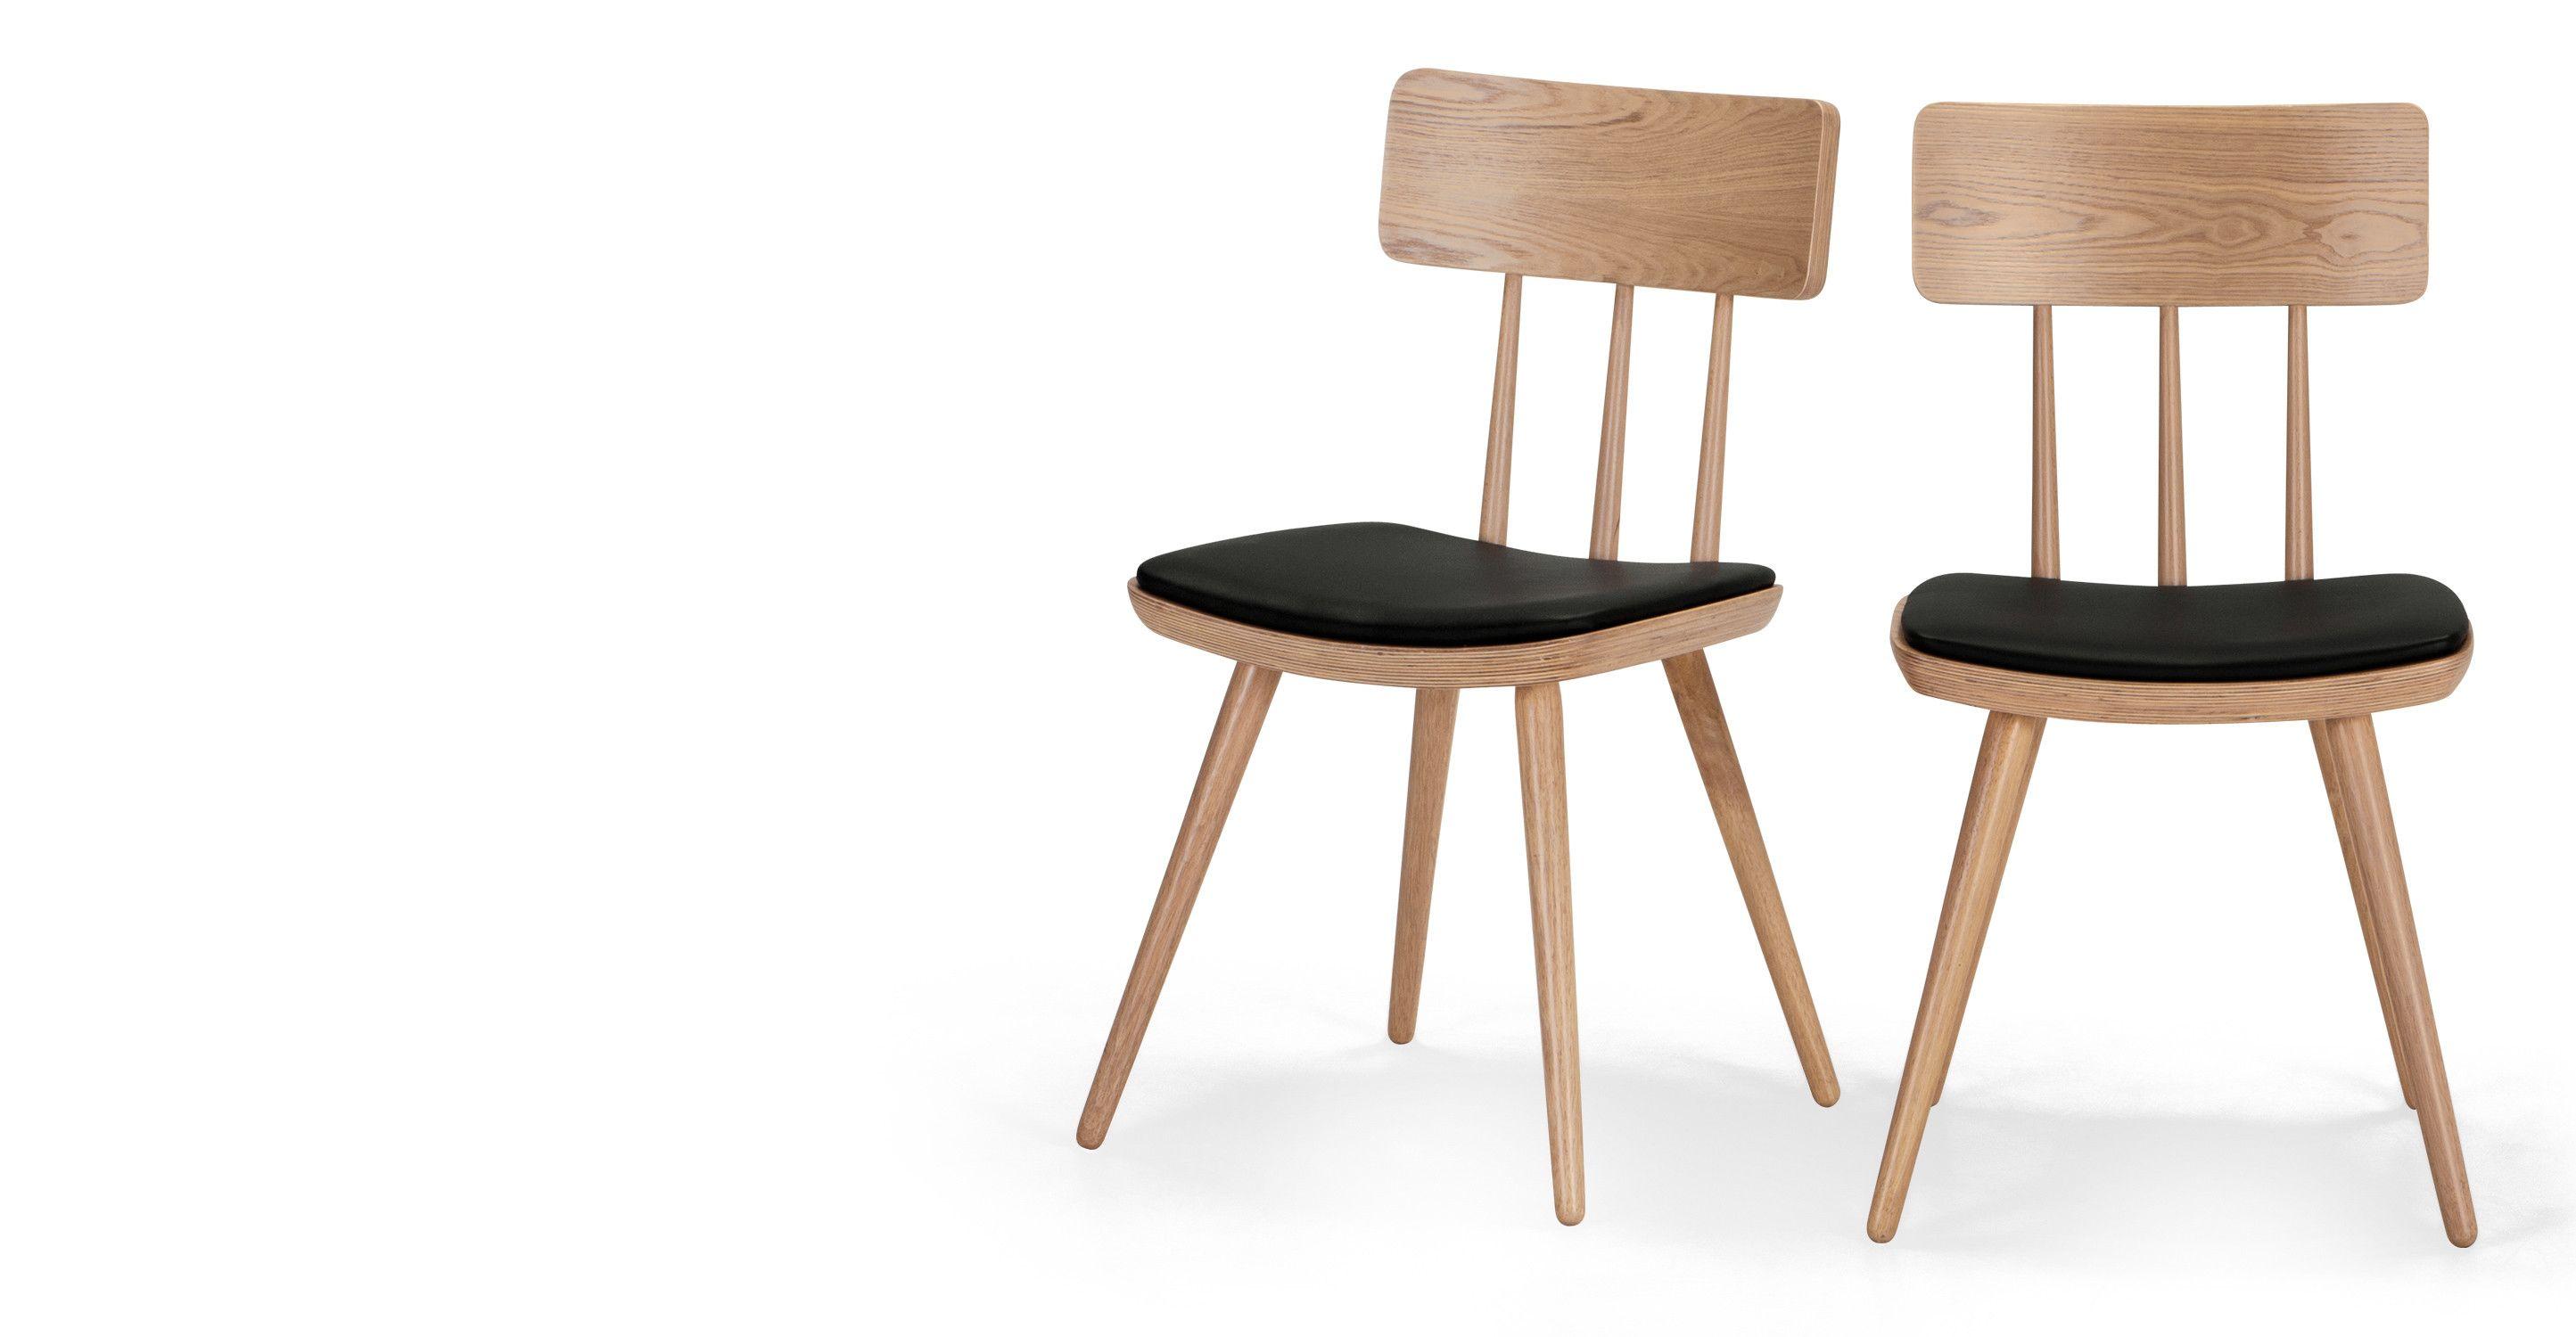 2 x kitson chaises frêne naturel et noir frene chaises et duo